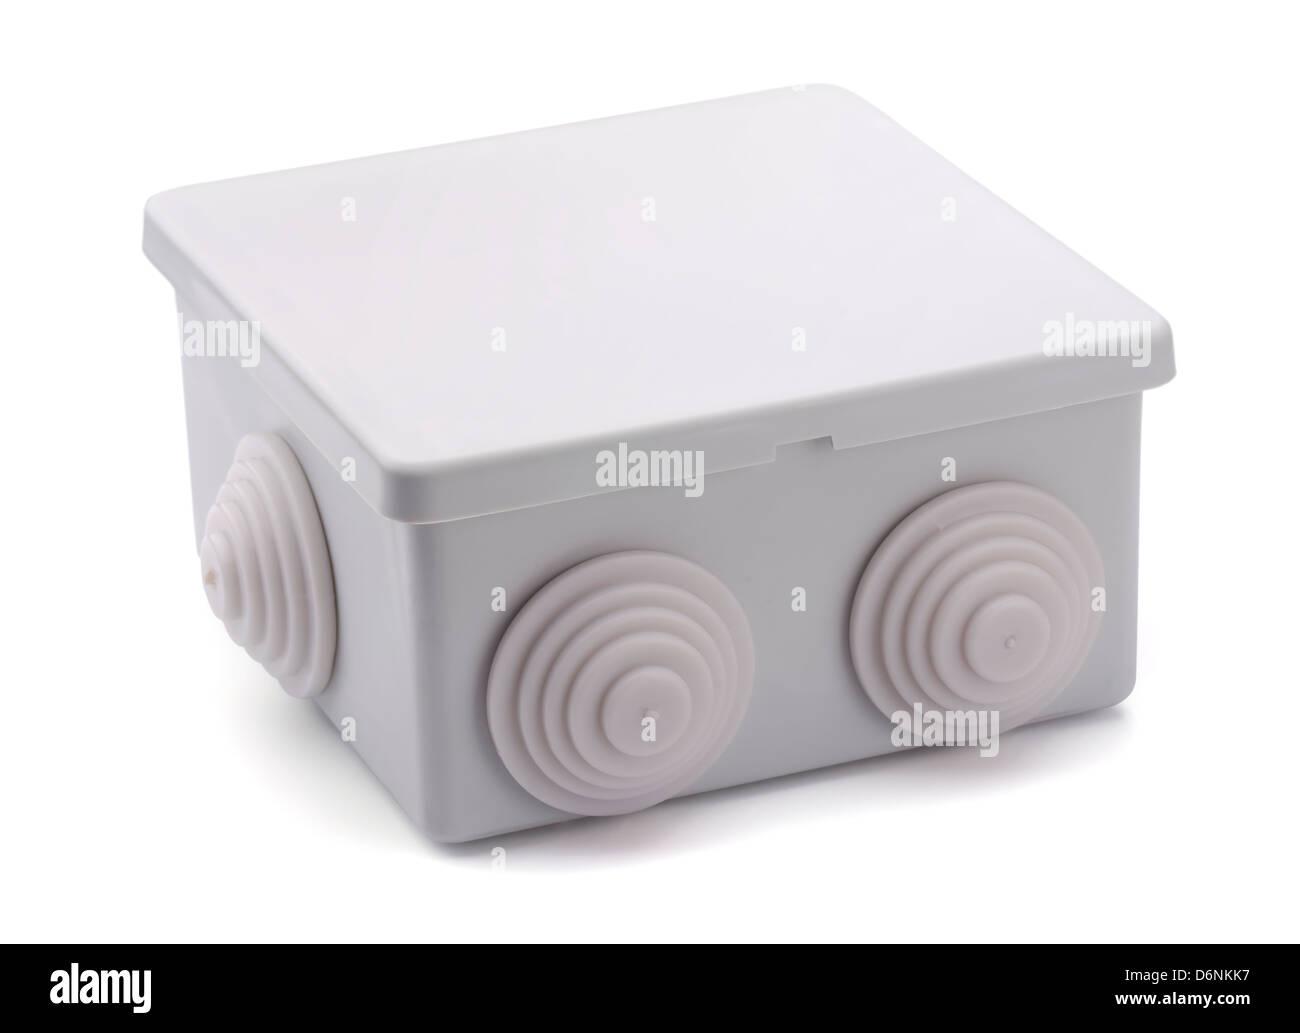 Graue Kunststoff elektrische Anschlussdose isoliert auf weiss Stockbild